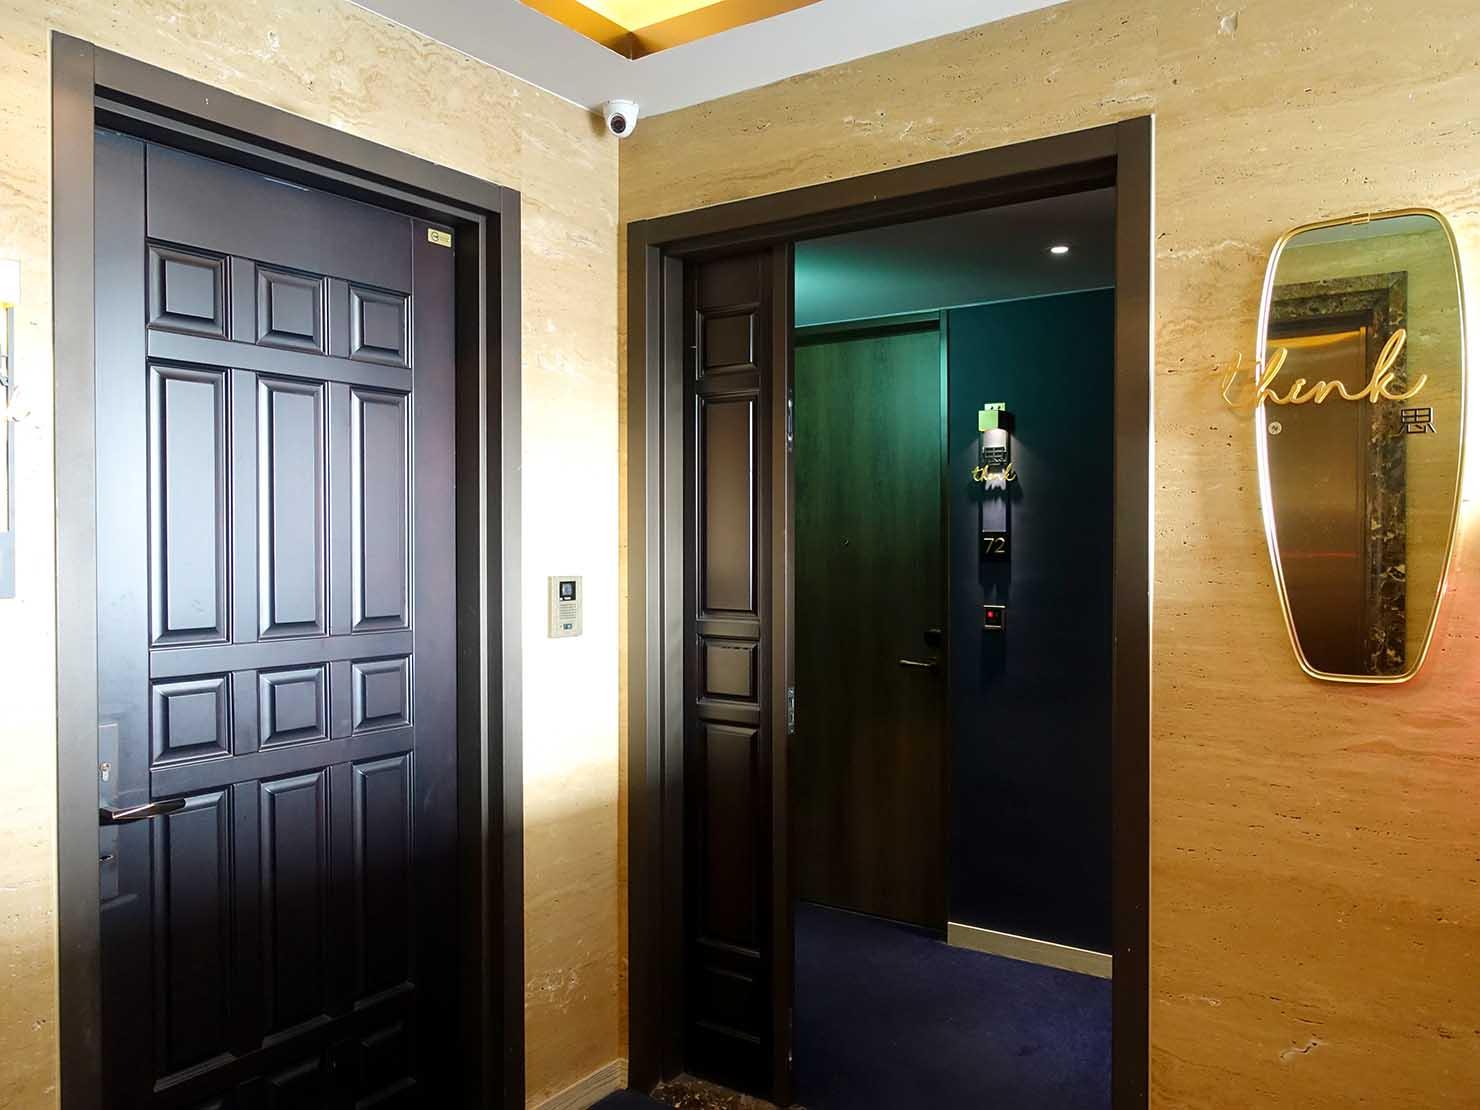 台北・大安の最高におしゃれなブティックホテル「chez nous 司旅」のエレベーターホール